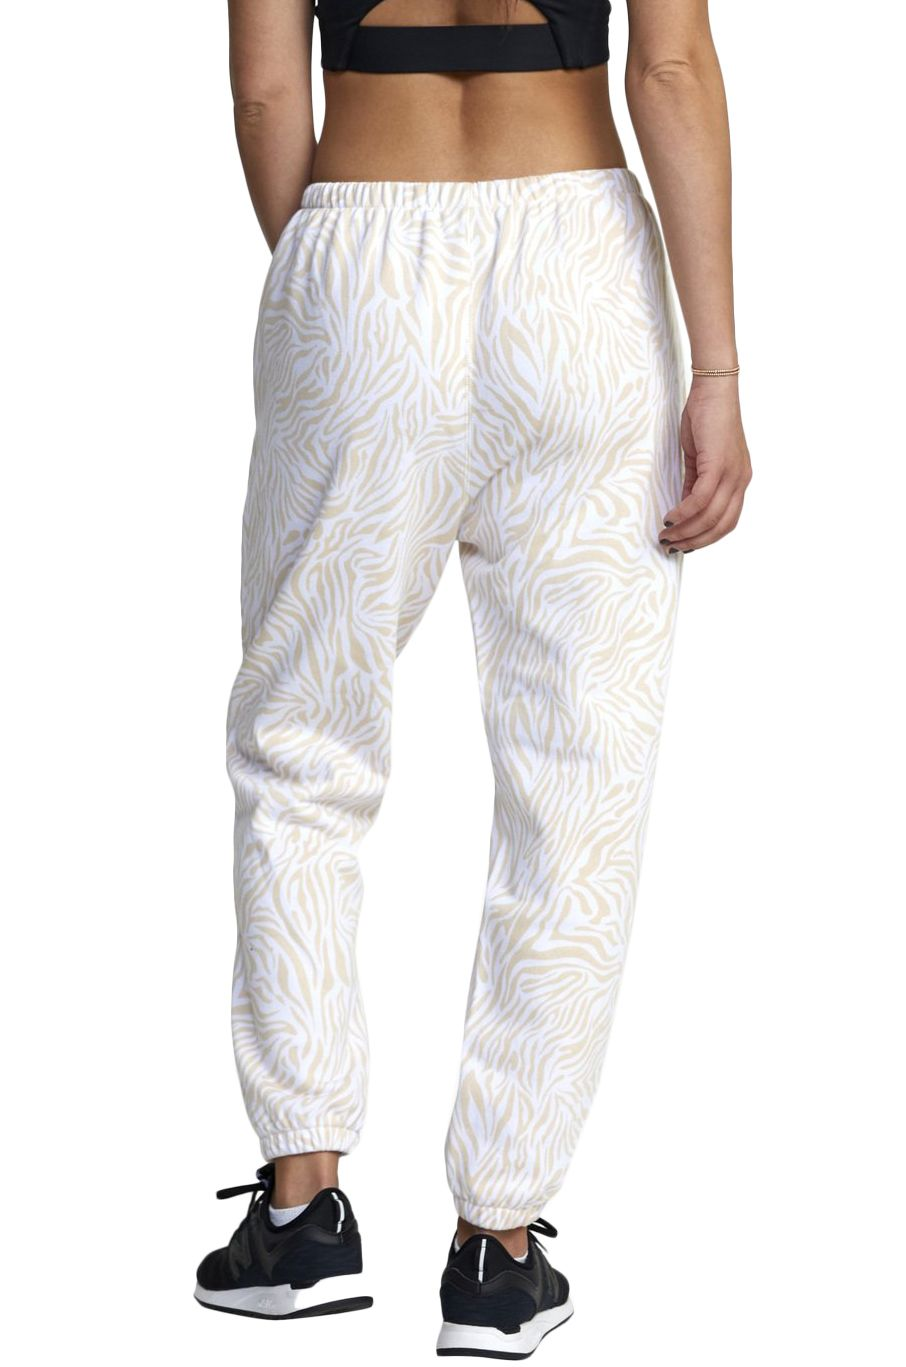 Calças RVCA VA ESSENTIAL JOGGER White Zebra